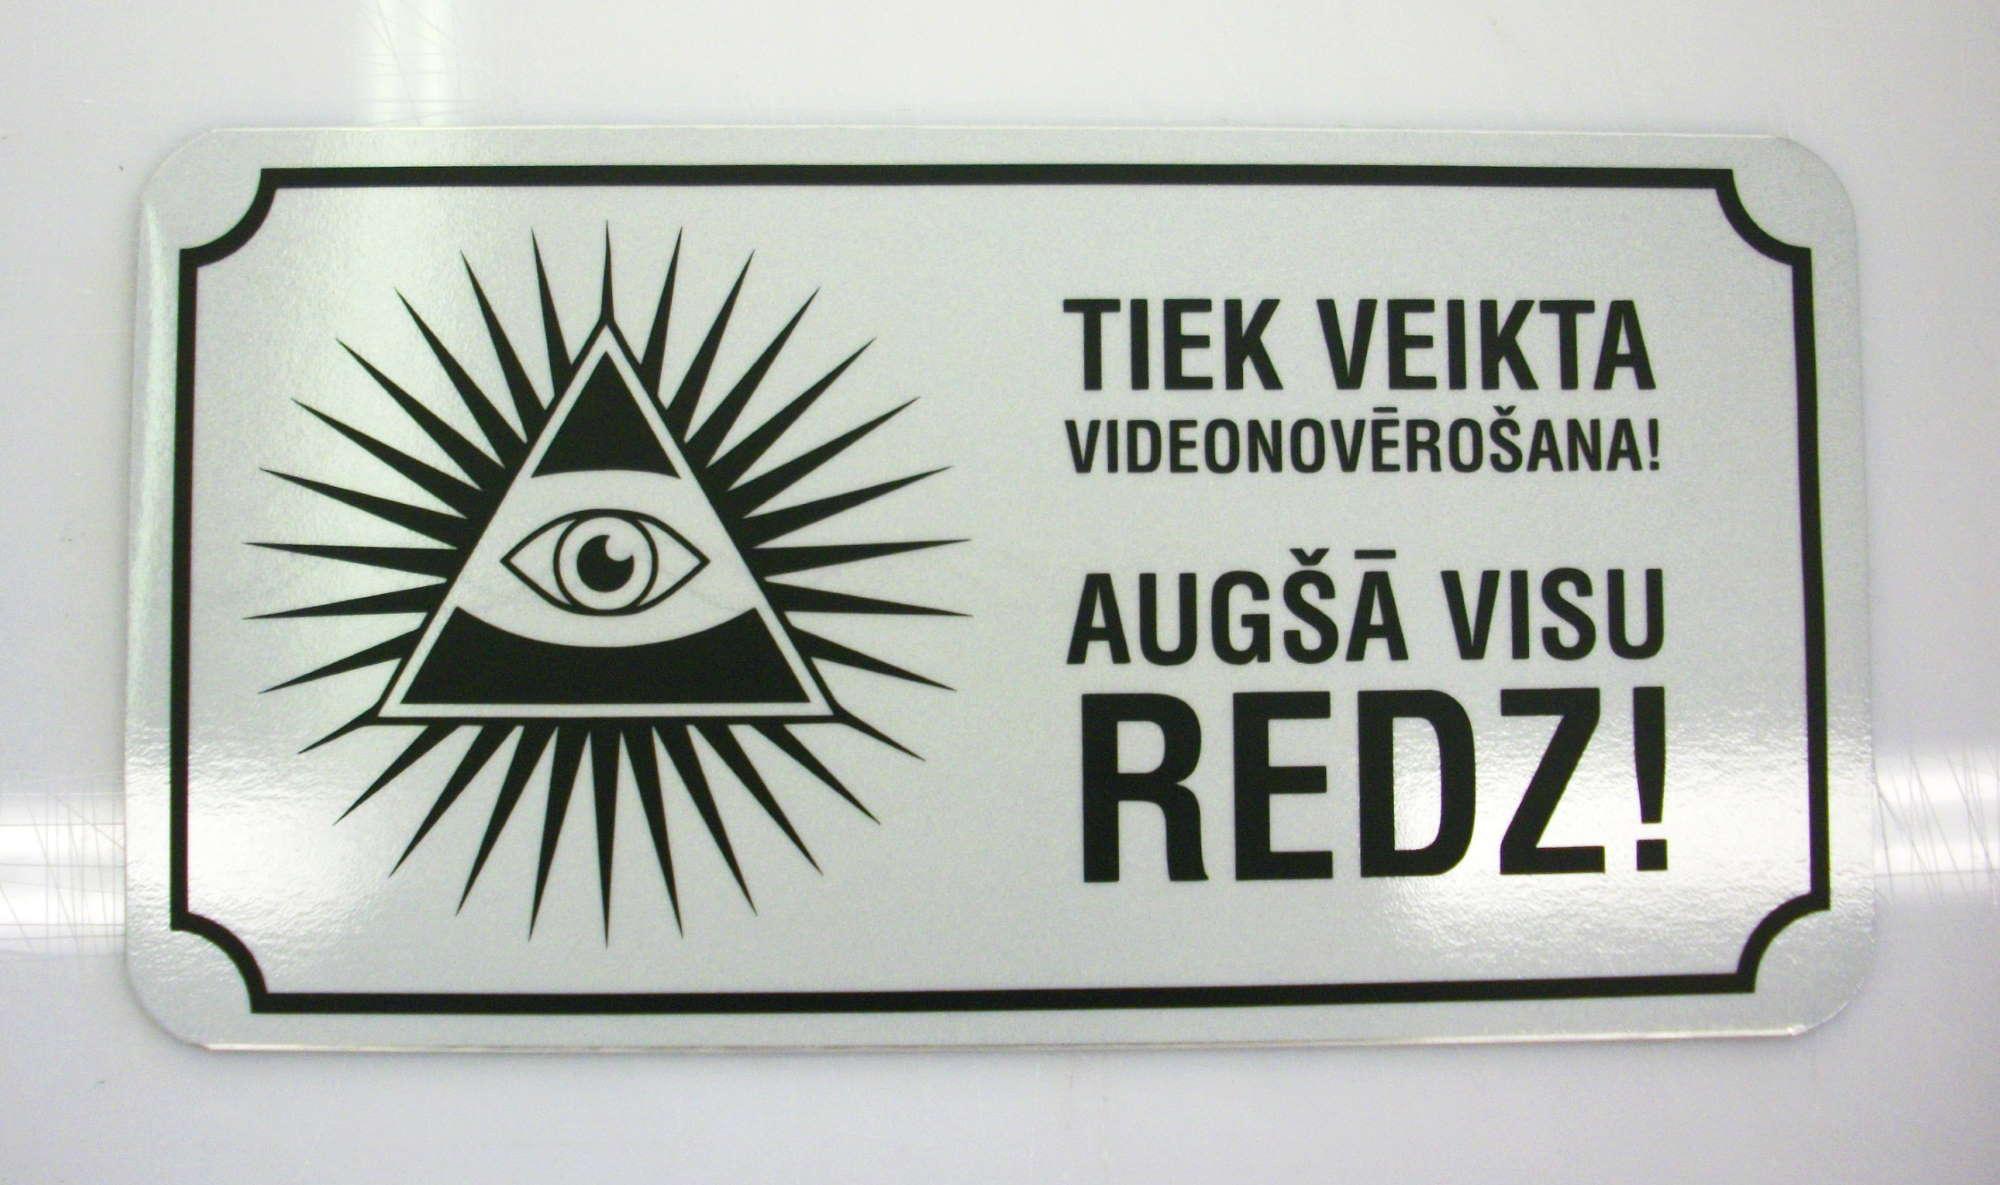 LATSIGN Informatīvā brīdinājuma zīme-Tiek veikta videonovērošana! Augšā visu redz!